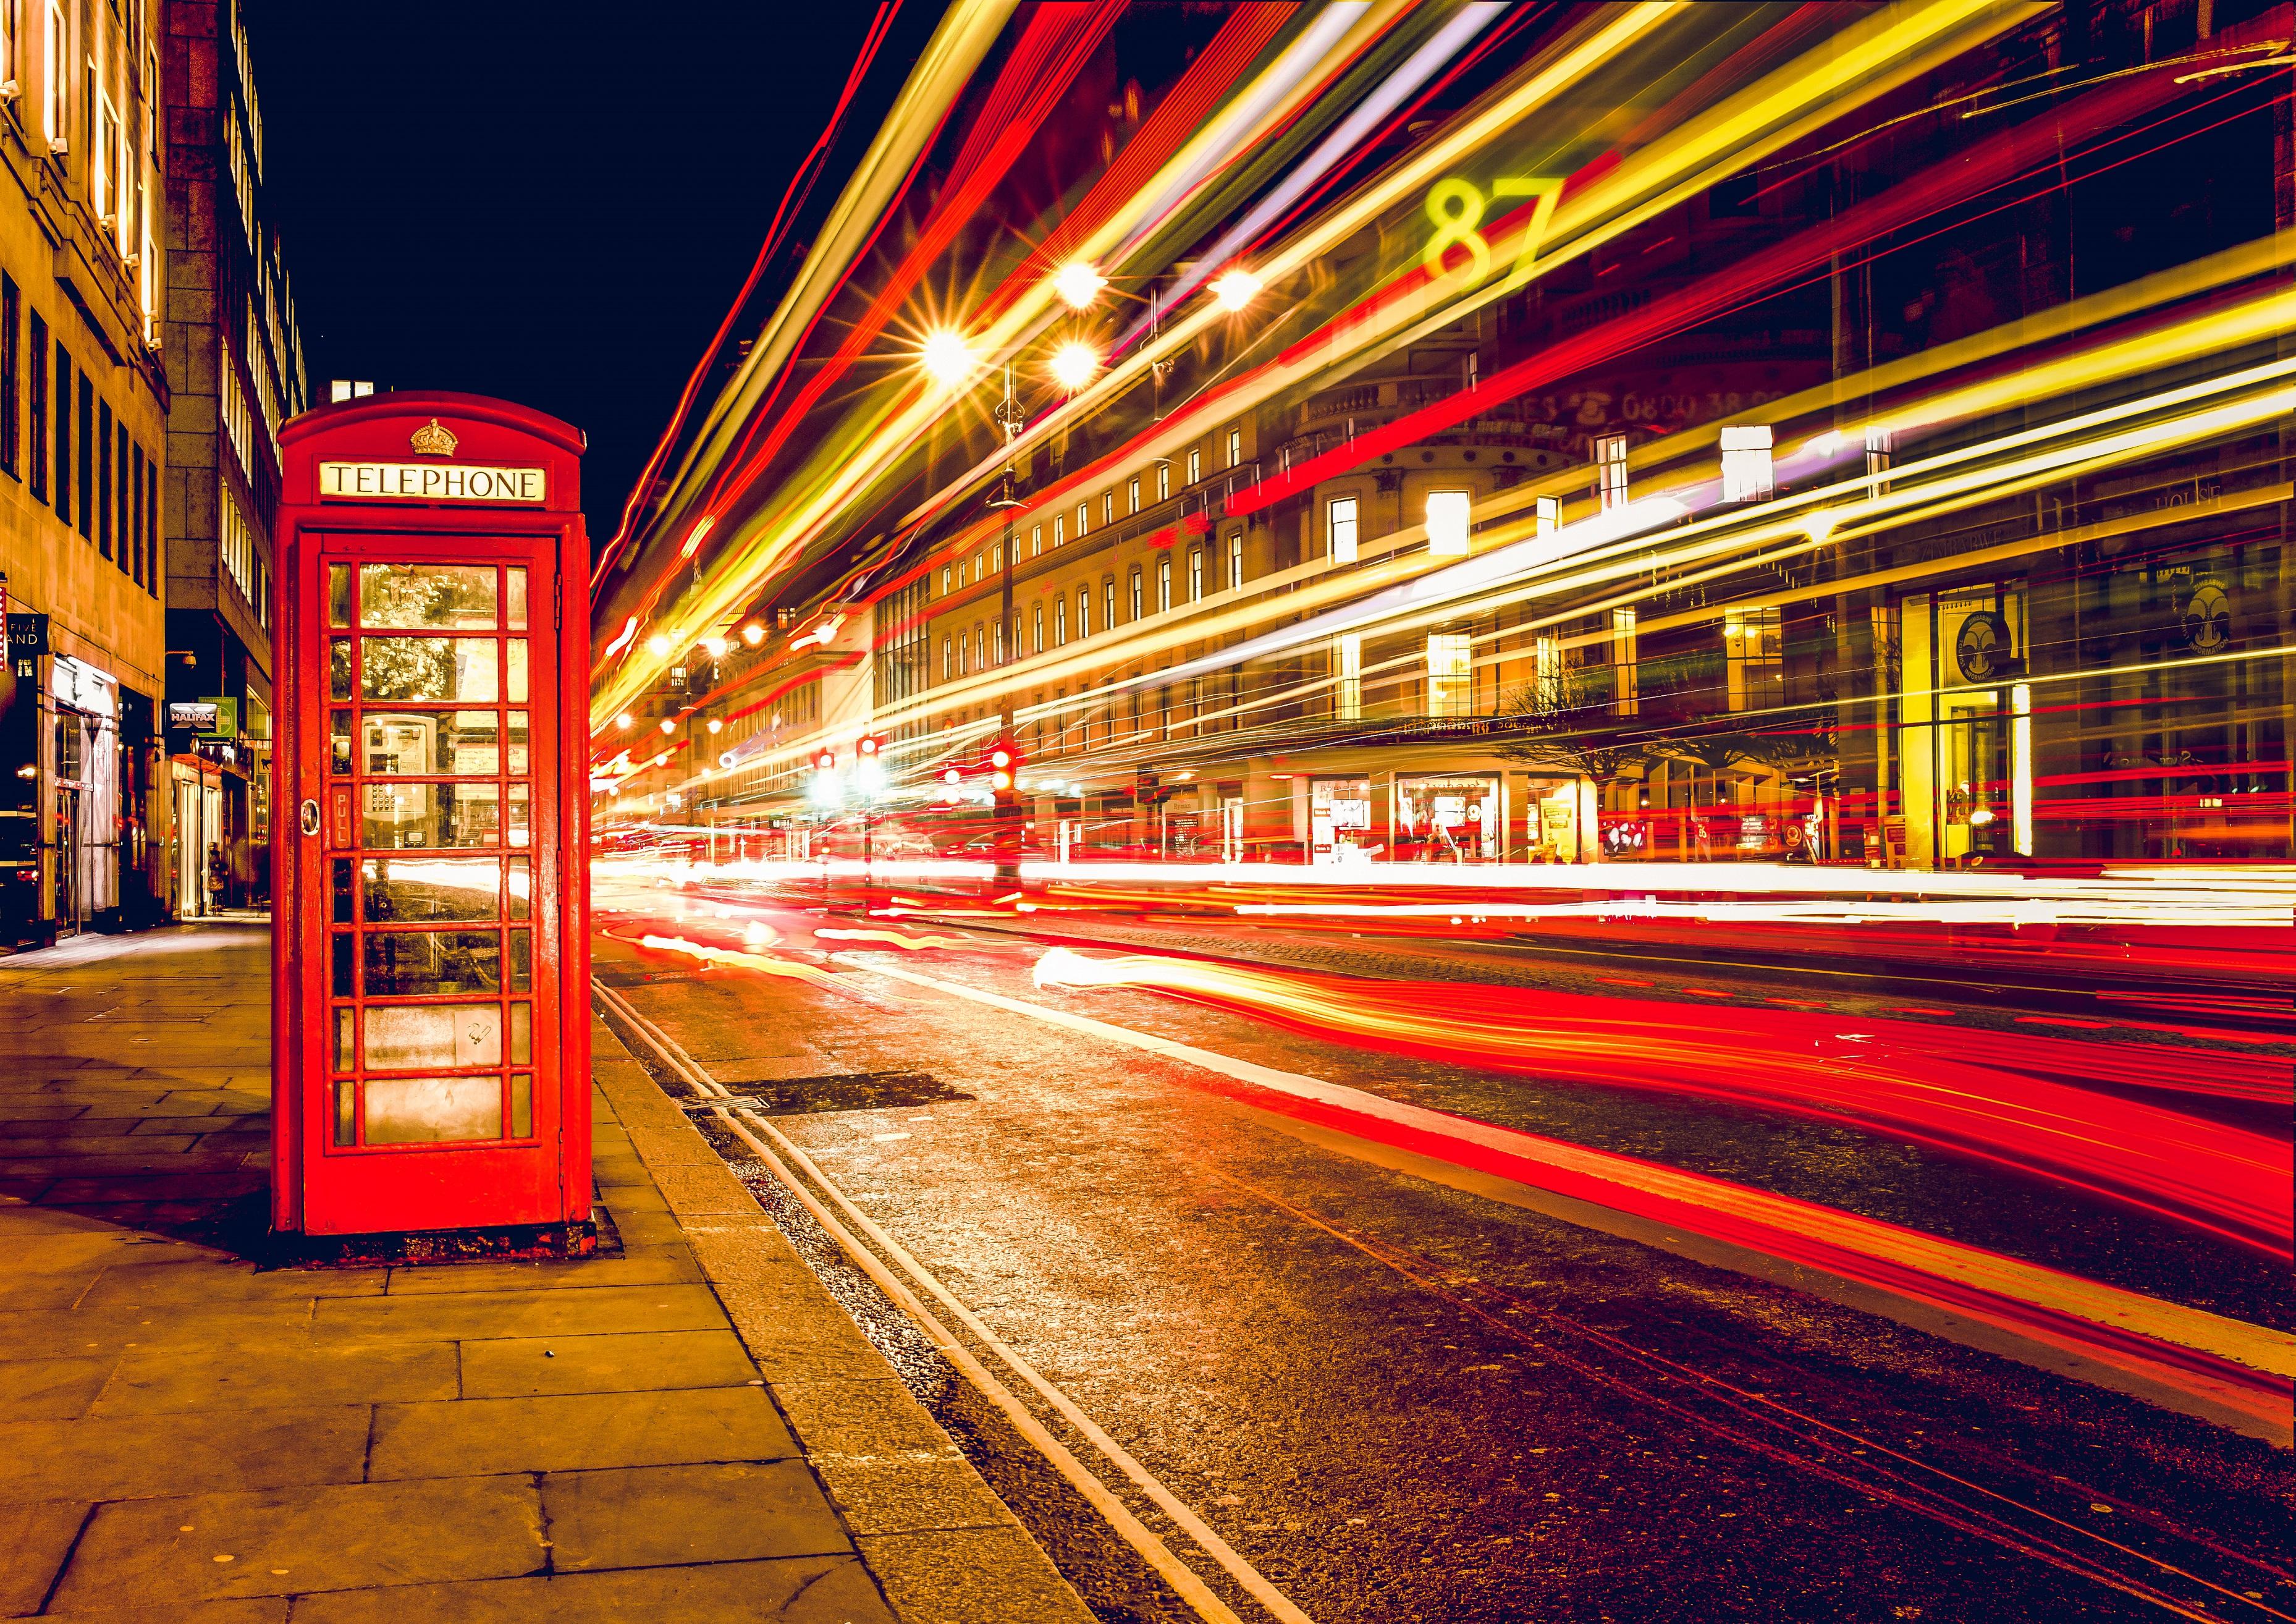 Skrydžiai į Londoną pigiau